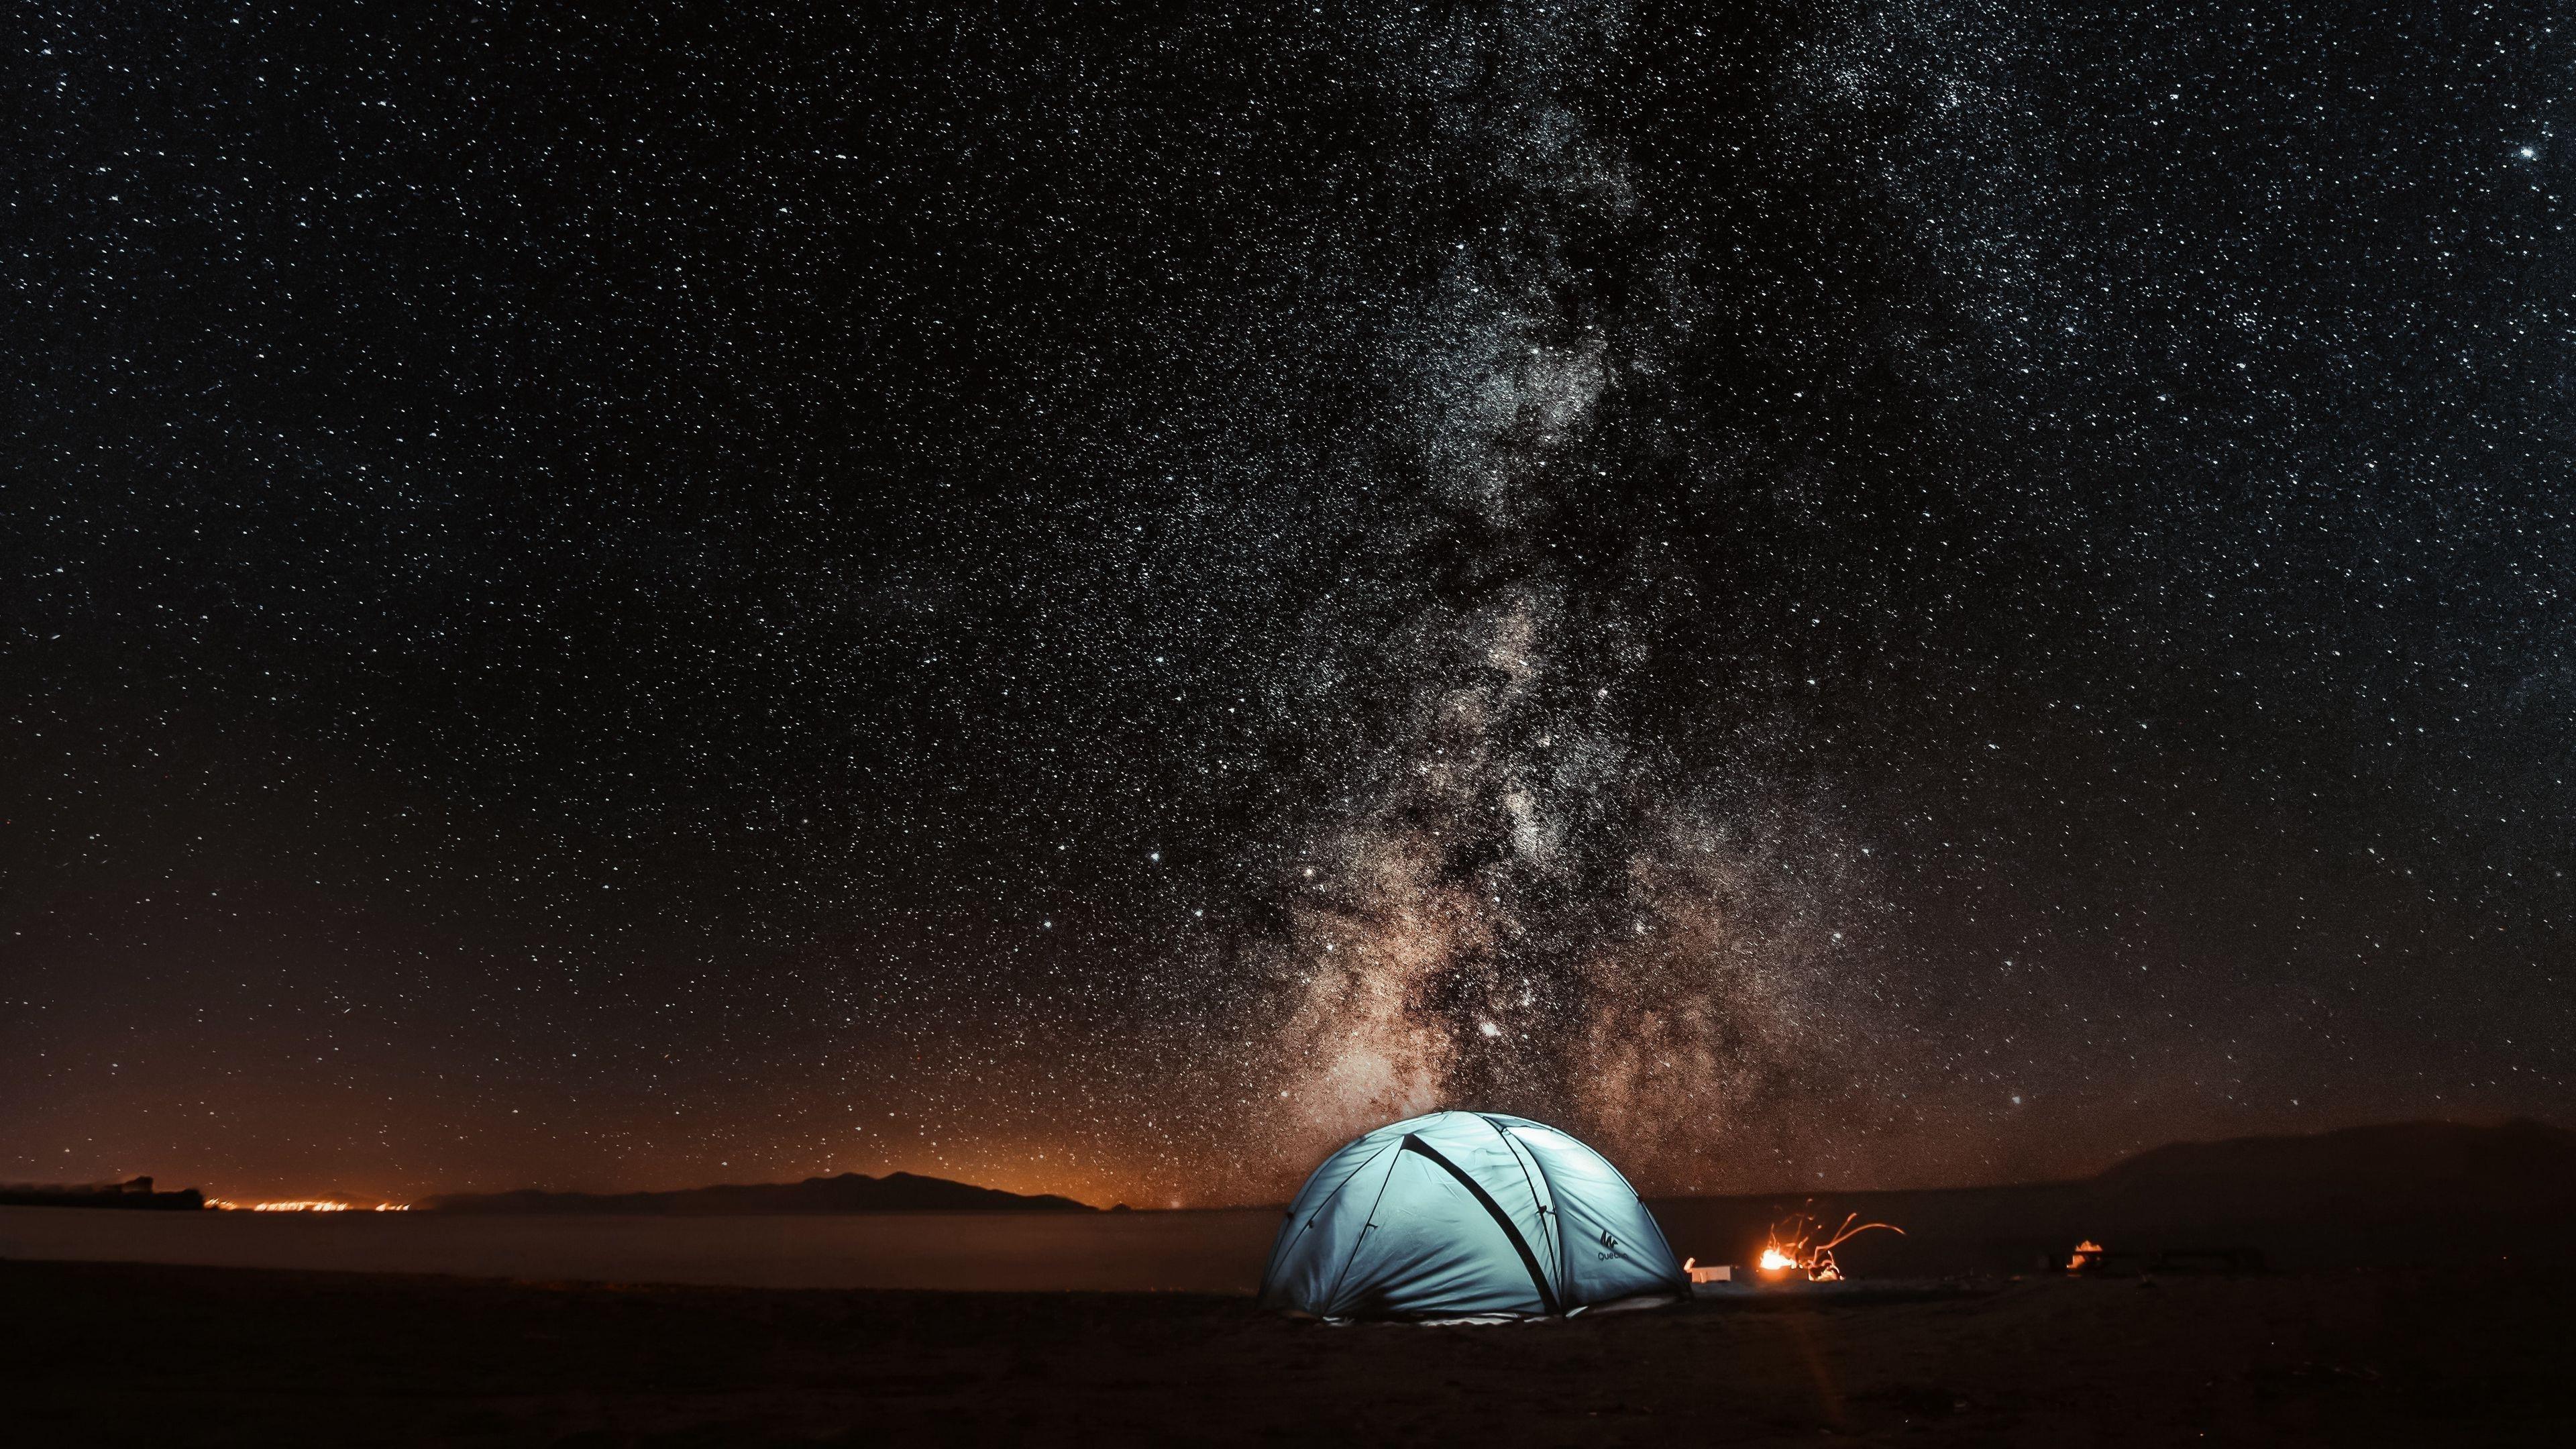 Палатка звездное небо ночной туризм обои скачать